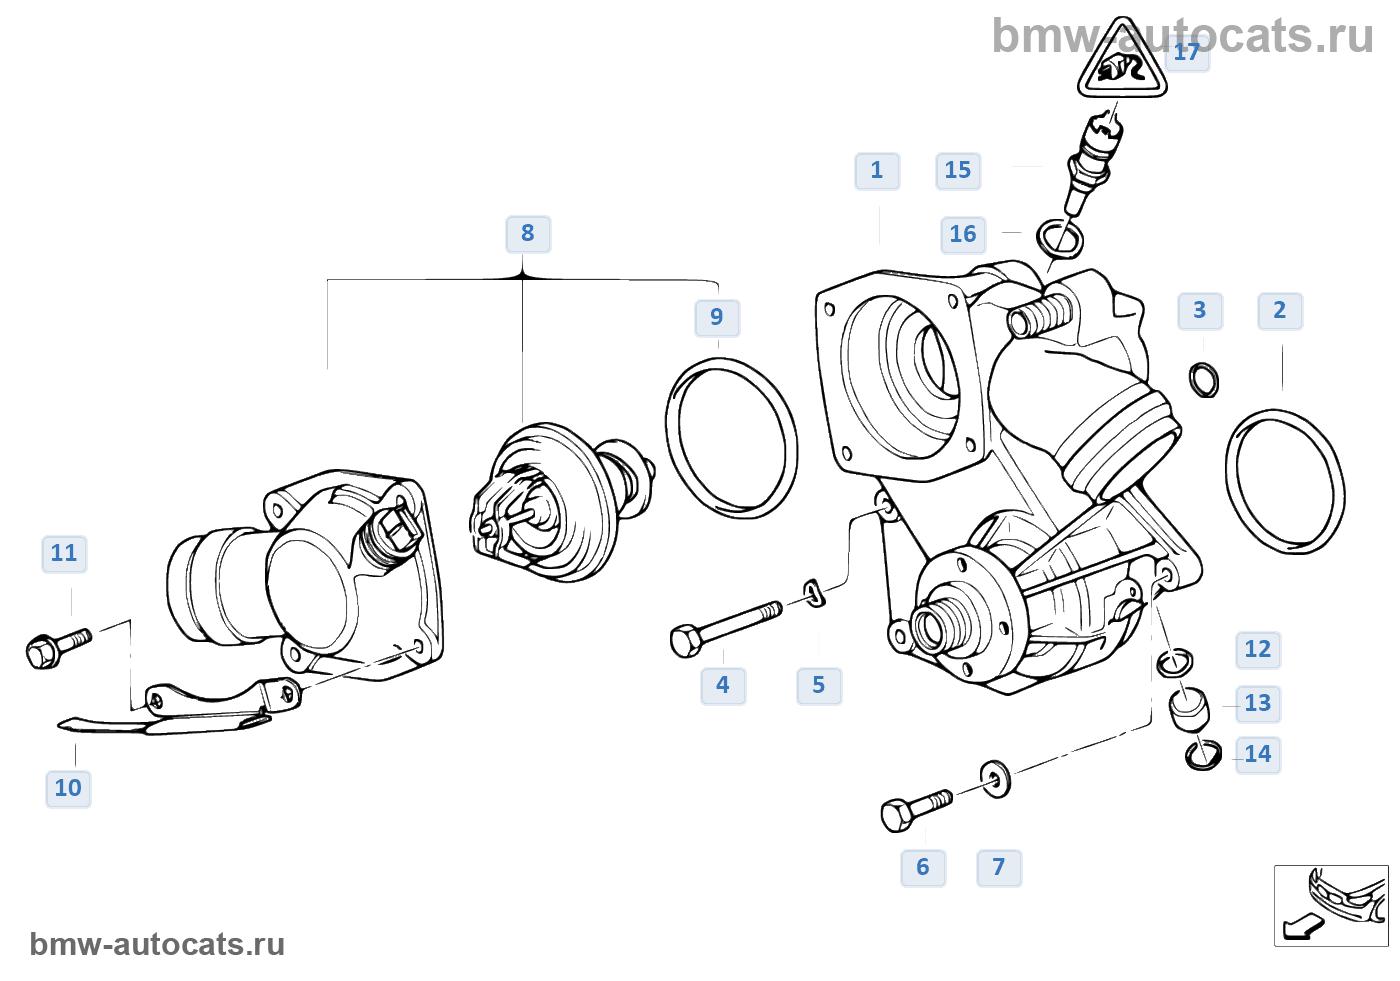 BMW E38 Club - разобрался.тему удаляйте